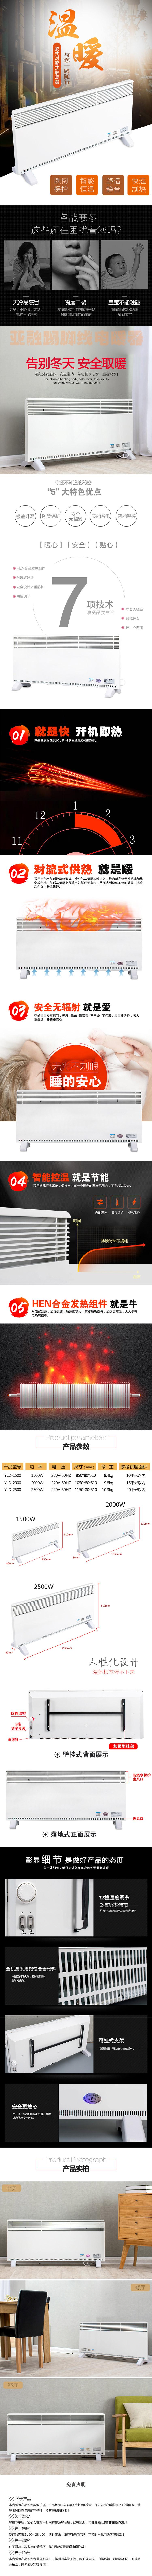 工程对流式电暖器